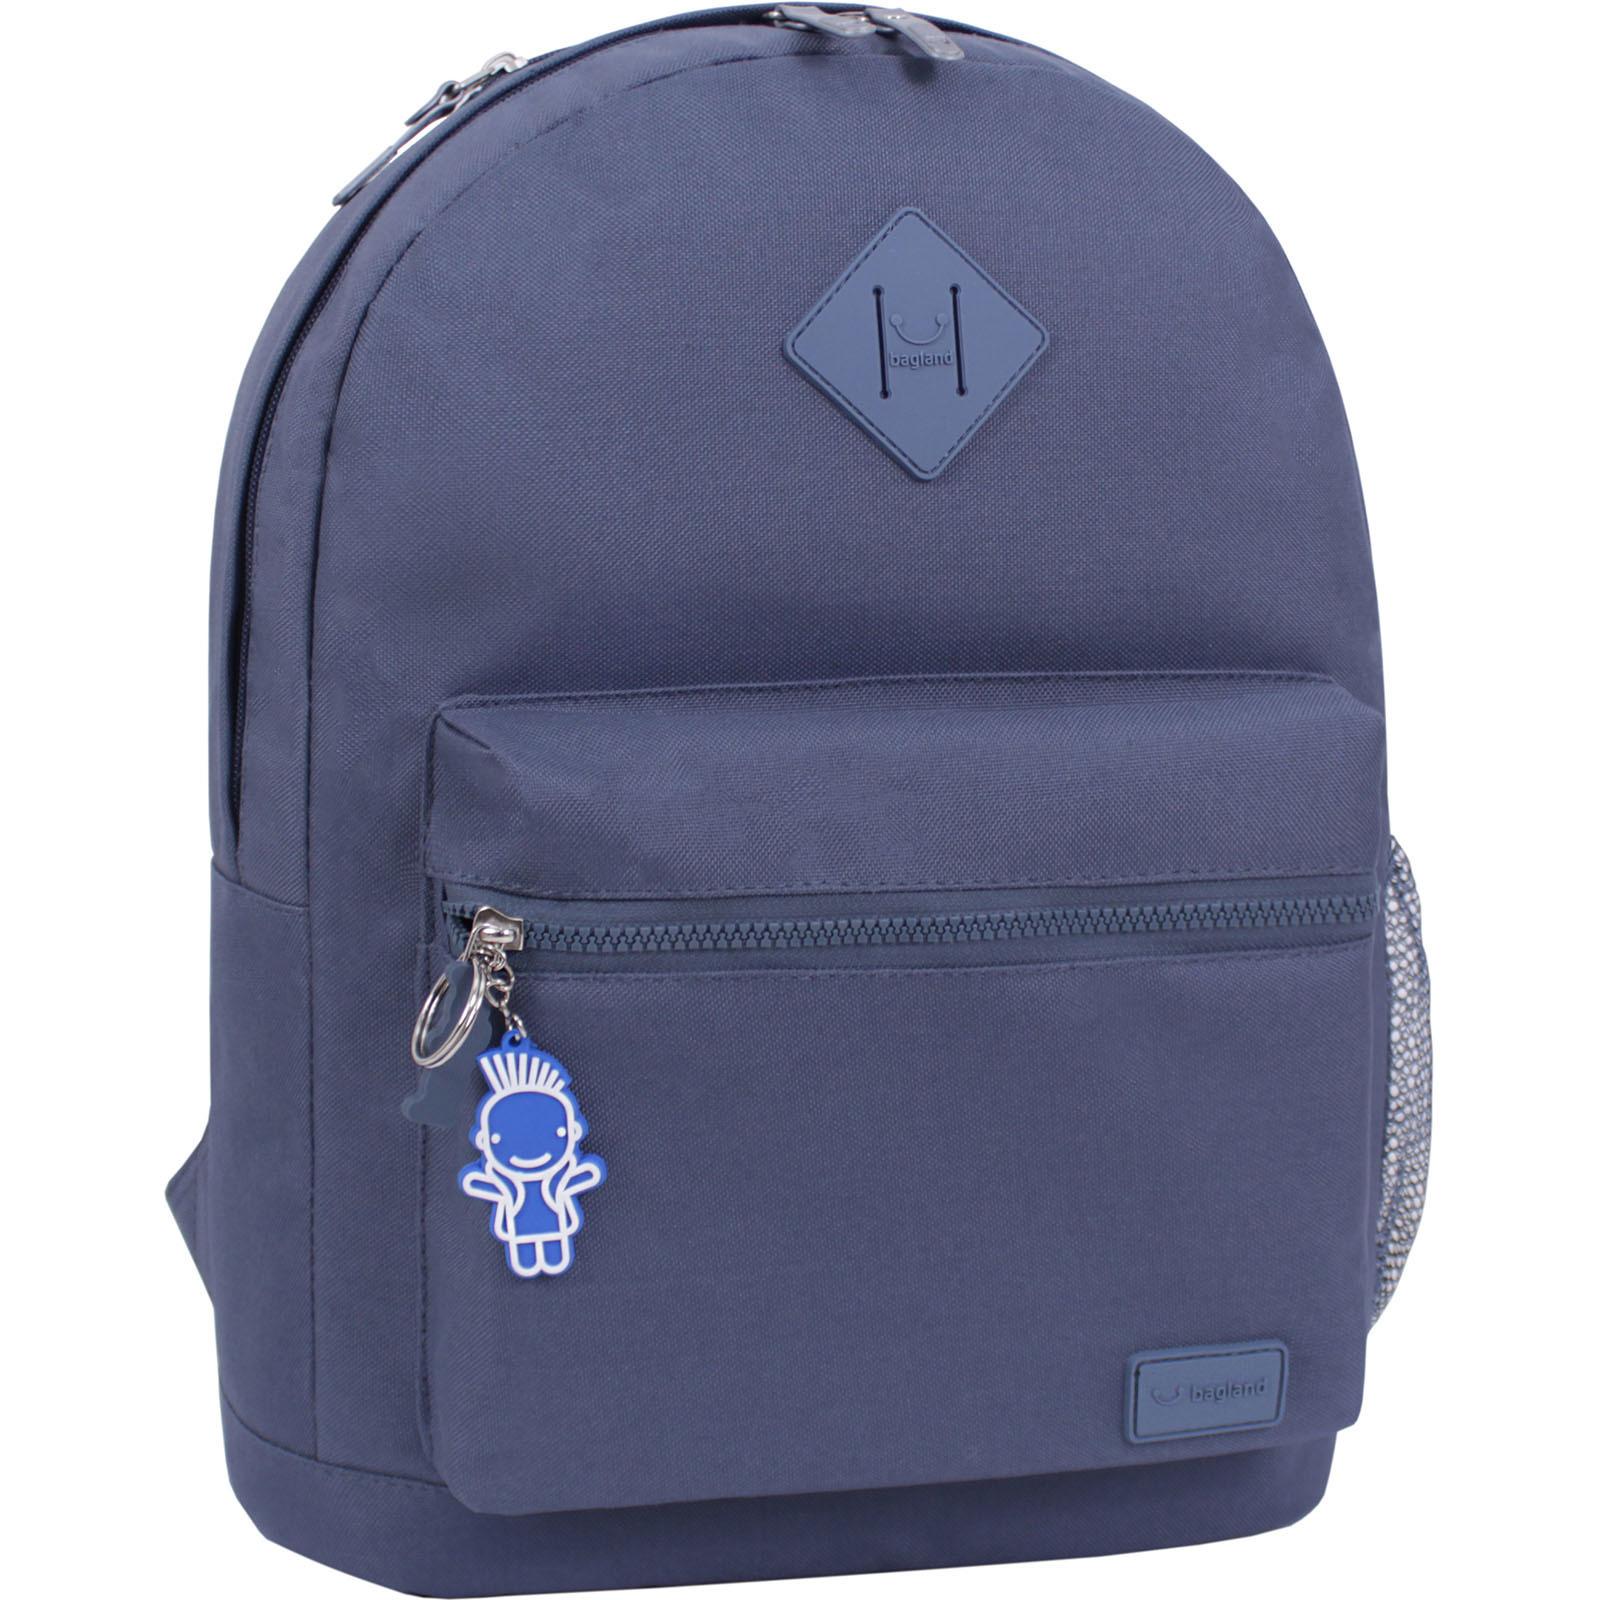 Молодежные рюкзаки Рюкзак Bagland Hood W/R 17 л. серый 458 (0054466) IMG_6178_суб.458_.JPG